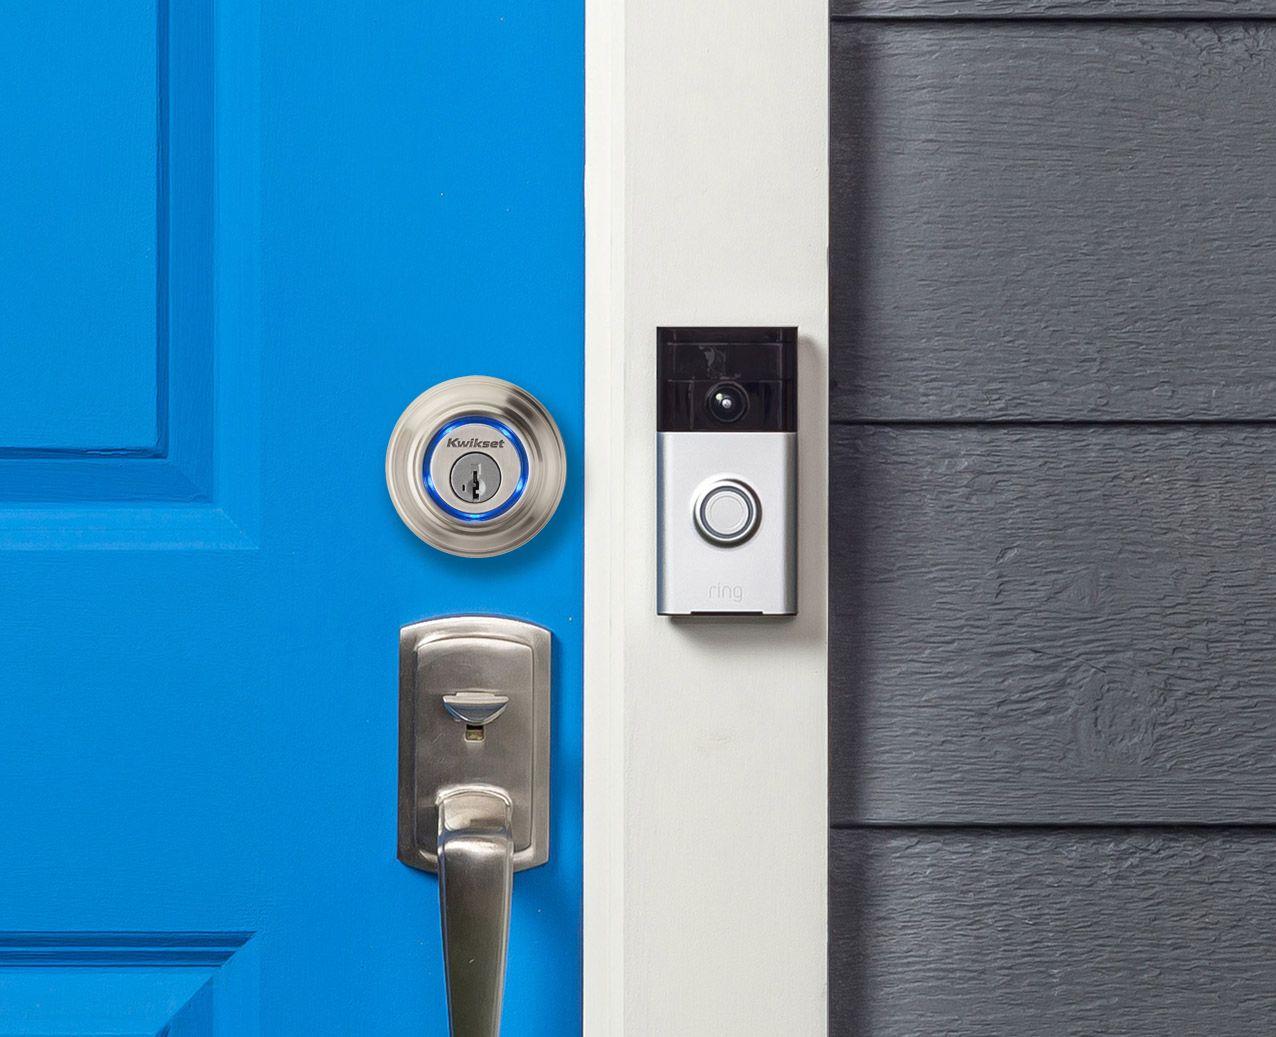 uk for co front camera doors vaninadesign door security surveillance